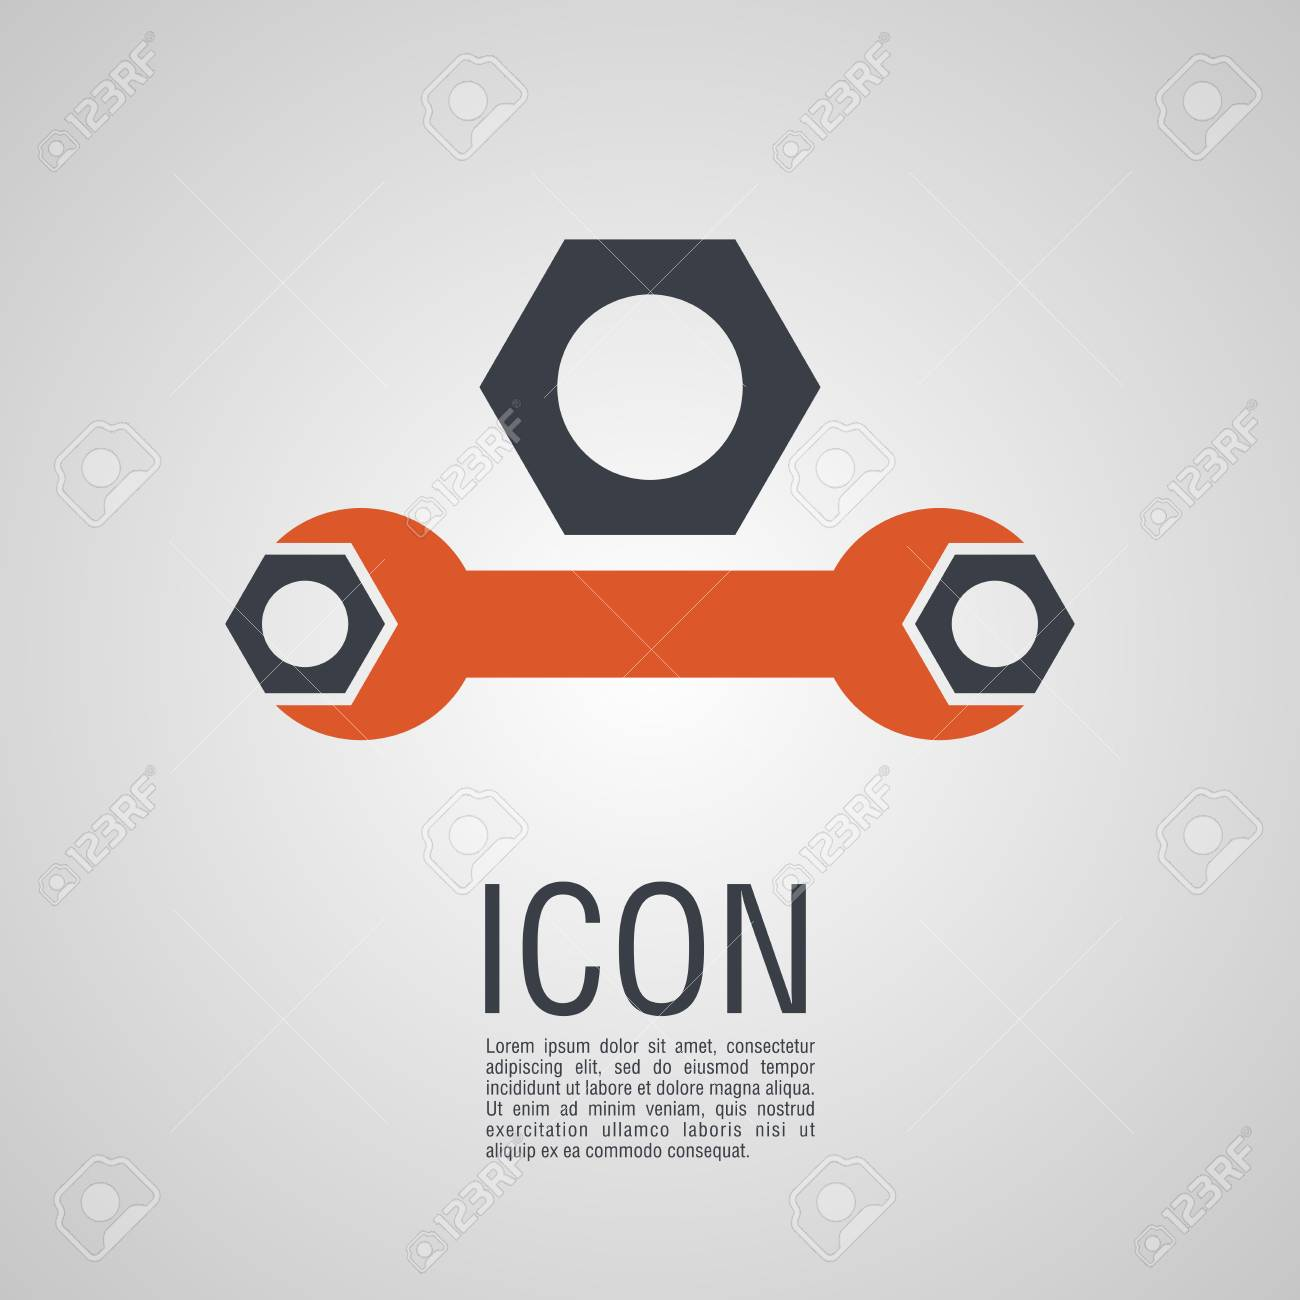 Iconos de vector en forma de llave y tuercas. Pin símbolo para el diseño de su sitio web.